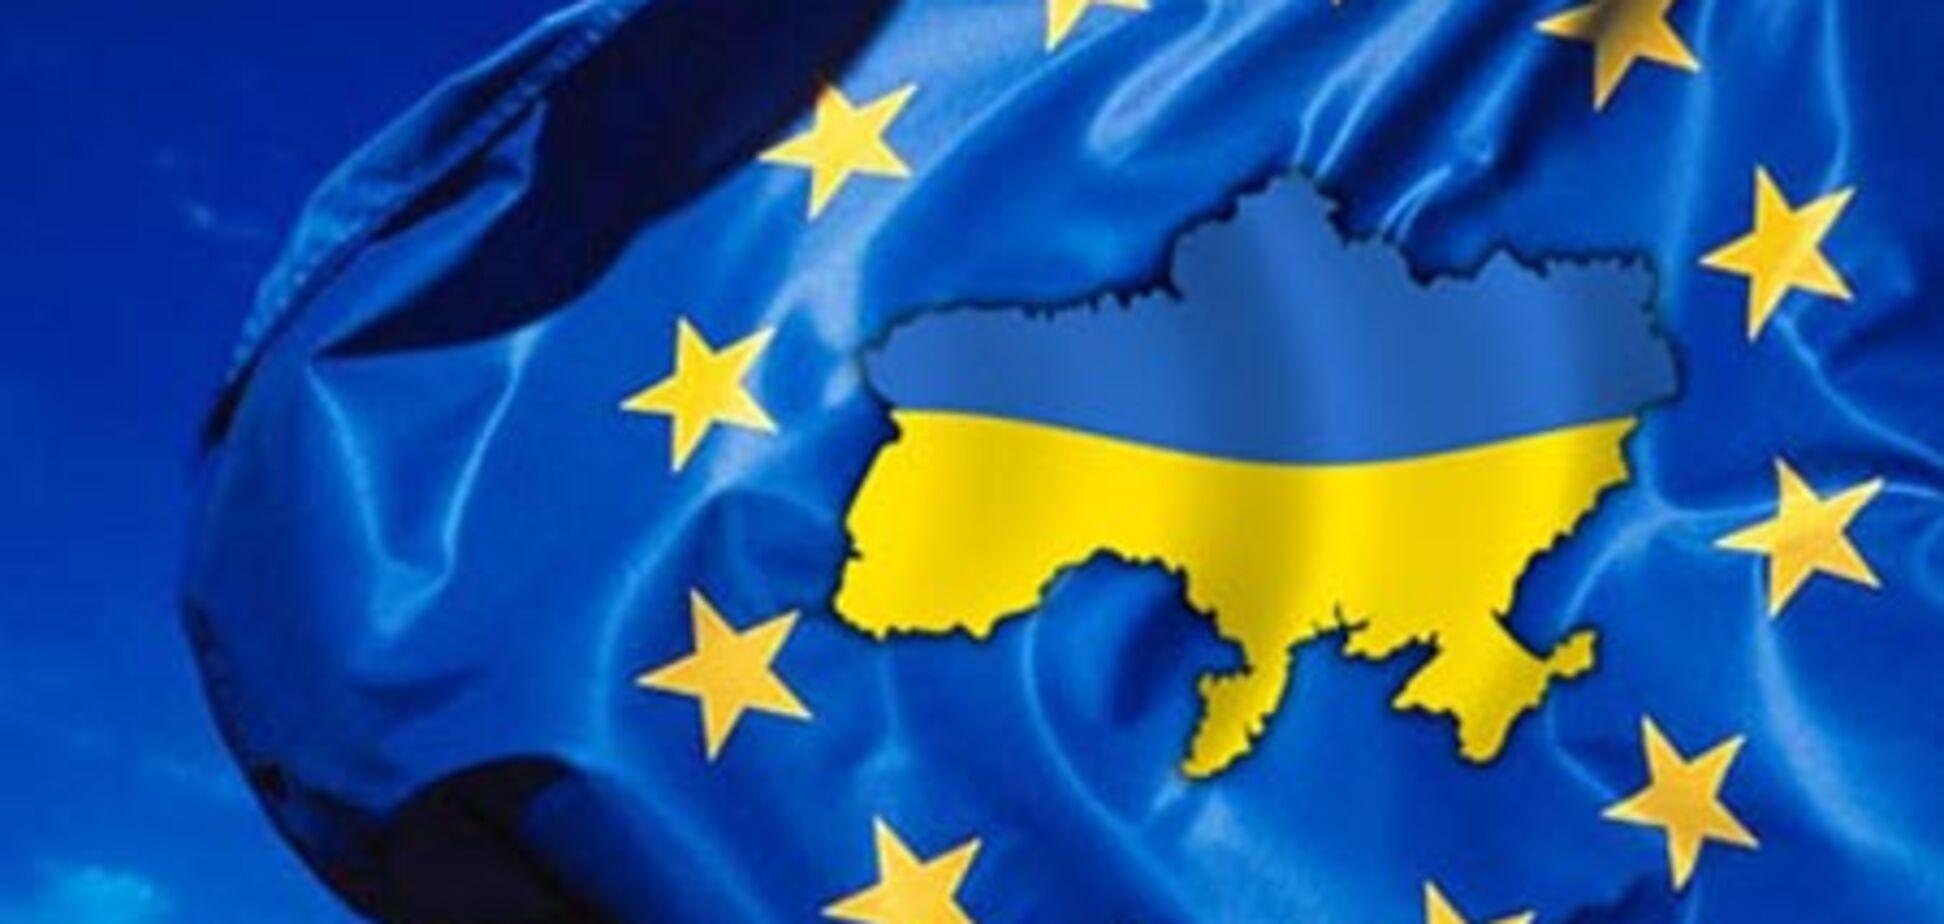 ЄС Україні: для інтеграції потрібна відданість демократії